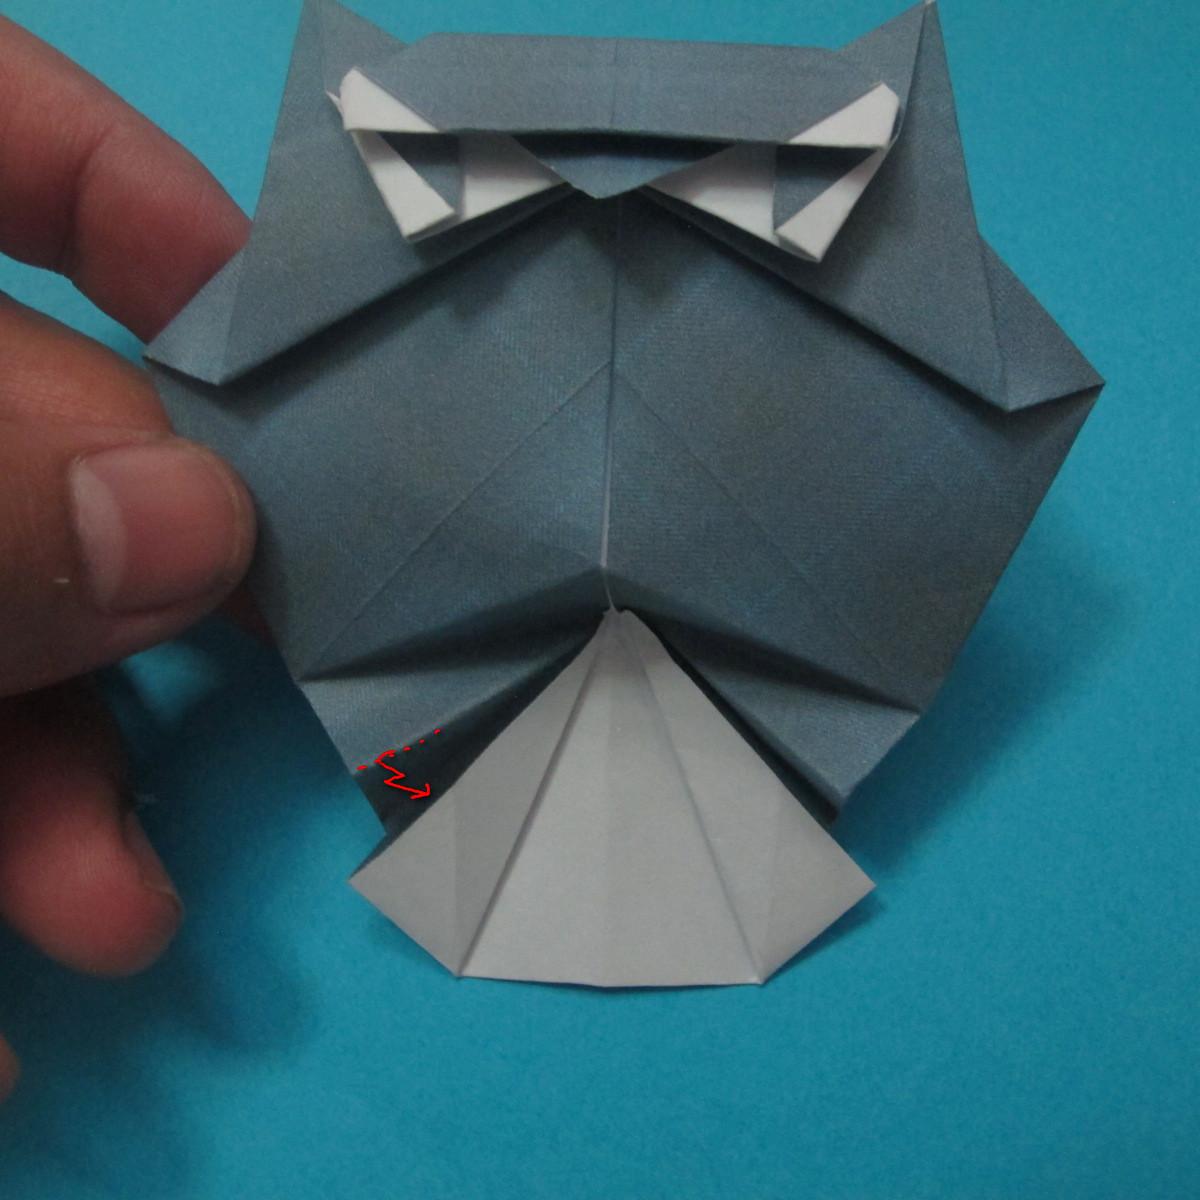 วิธีการพับกระดาษเป็นรูปนกเค้าแมว 035